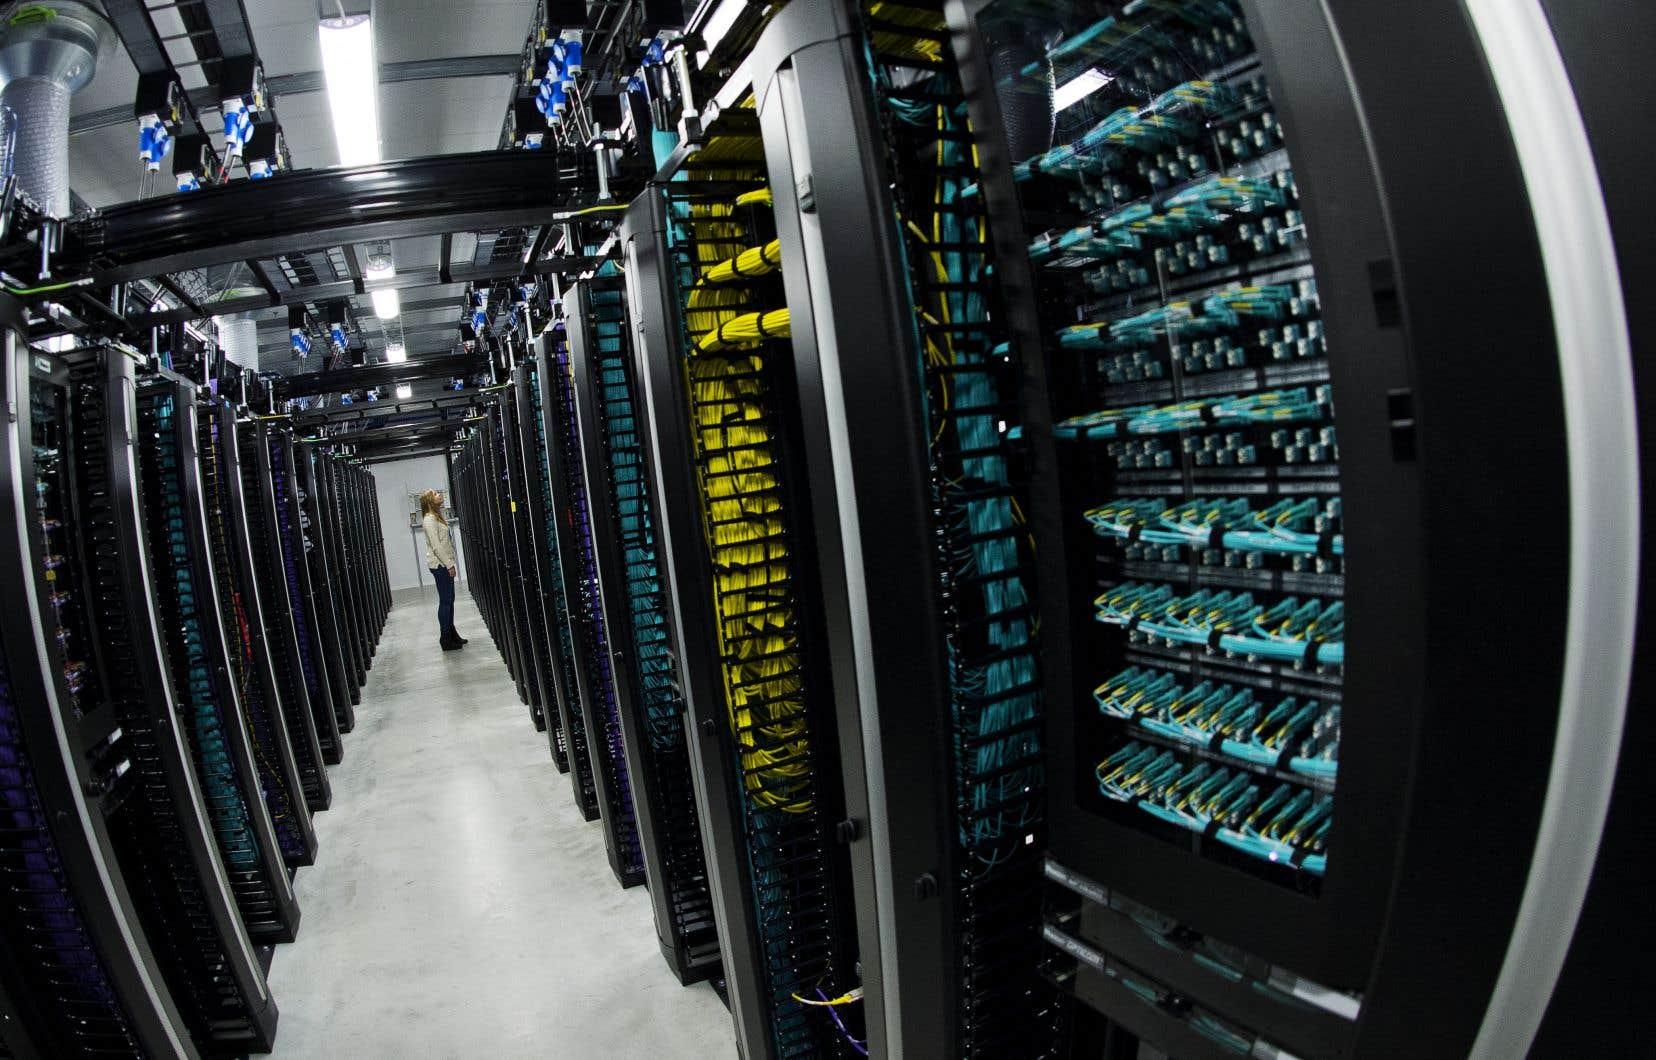 «Retirons aux Big Tech ce qui fait leur puissance: les données. Elles appartiennent à nous tous et nous devons les contrôler», écrit l'auteur.